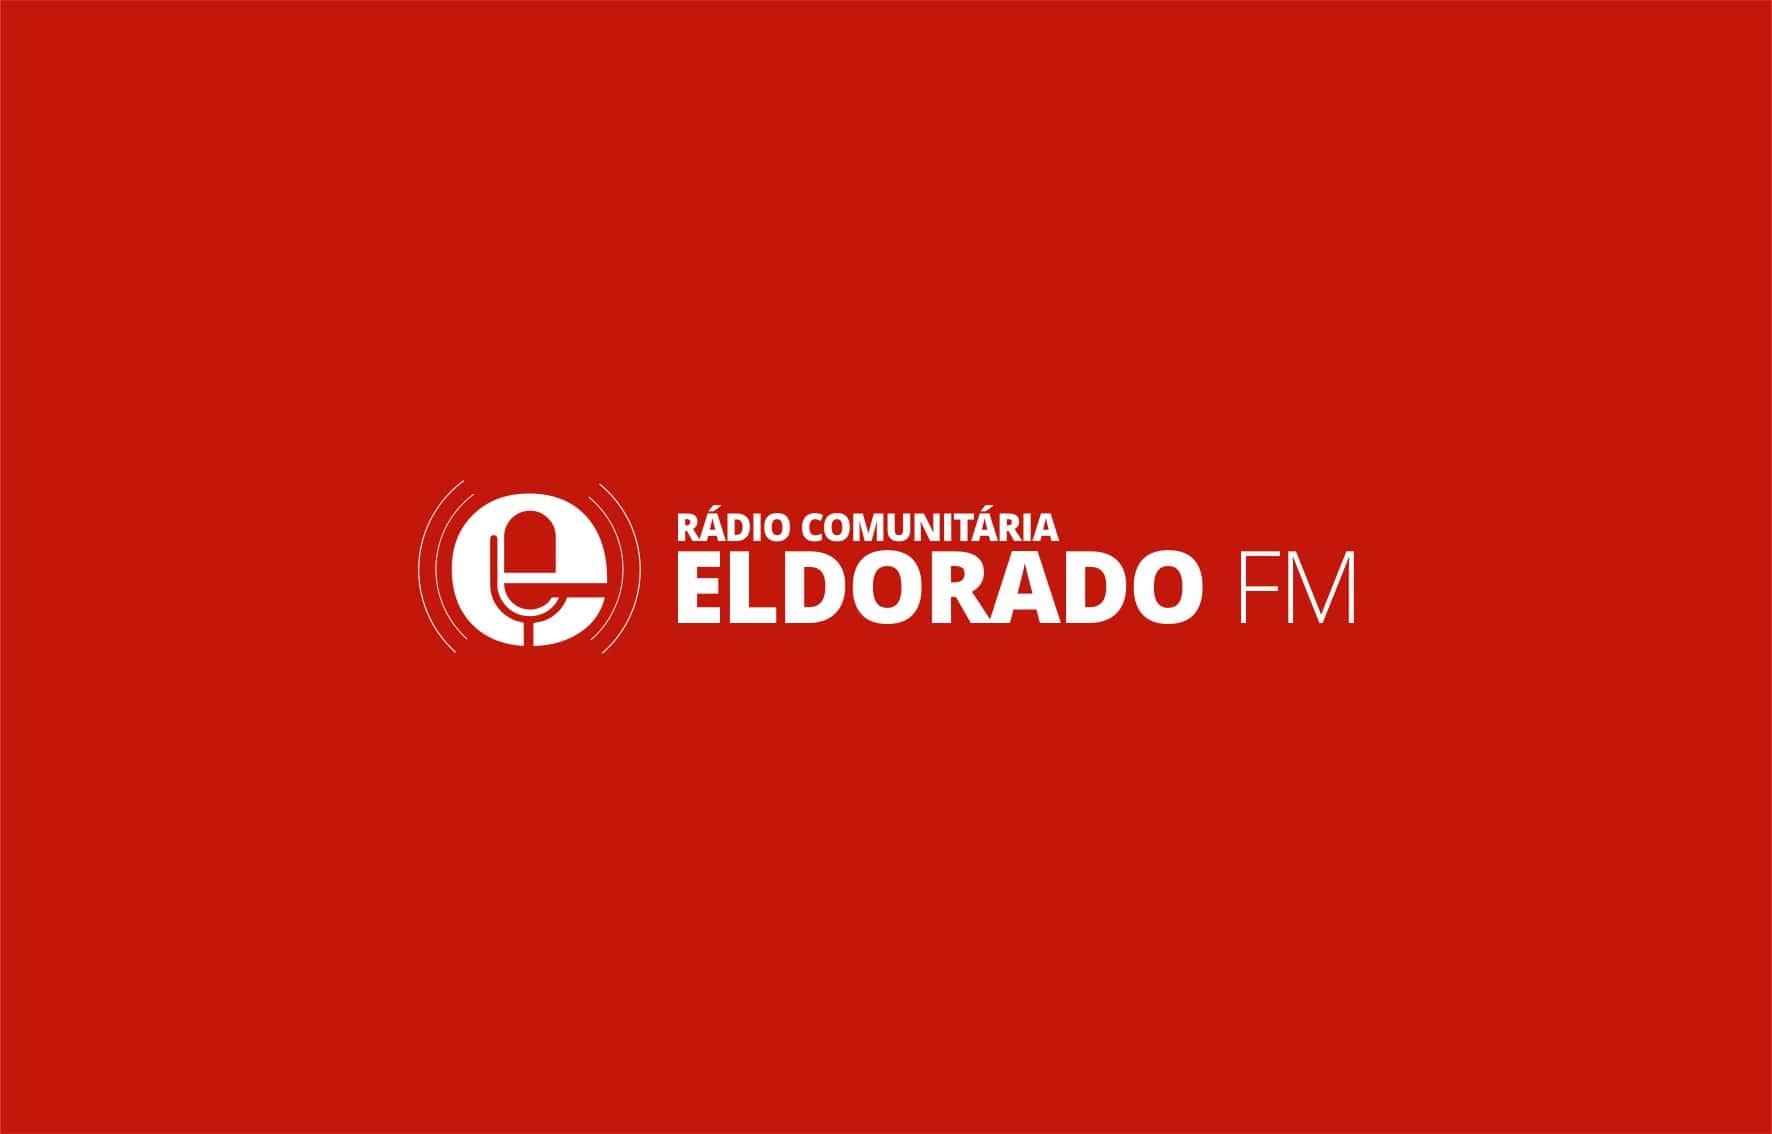 (c) Eldorado.fm